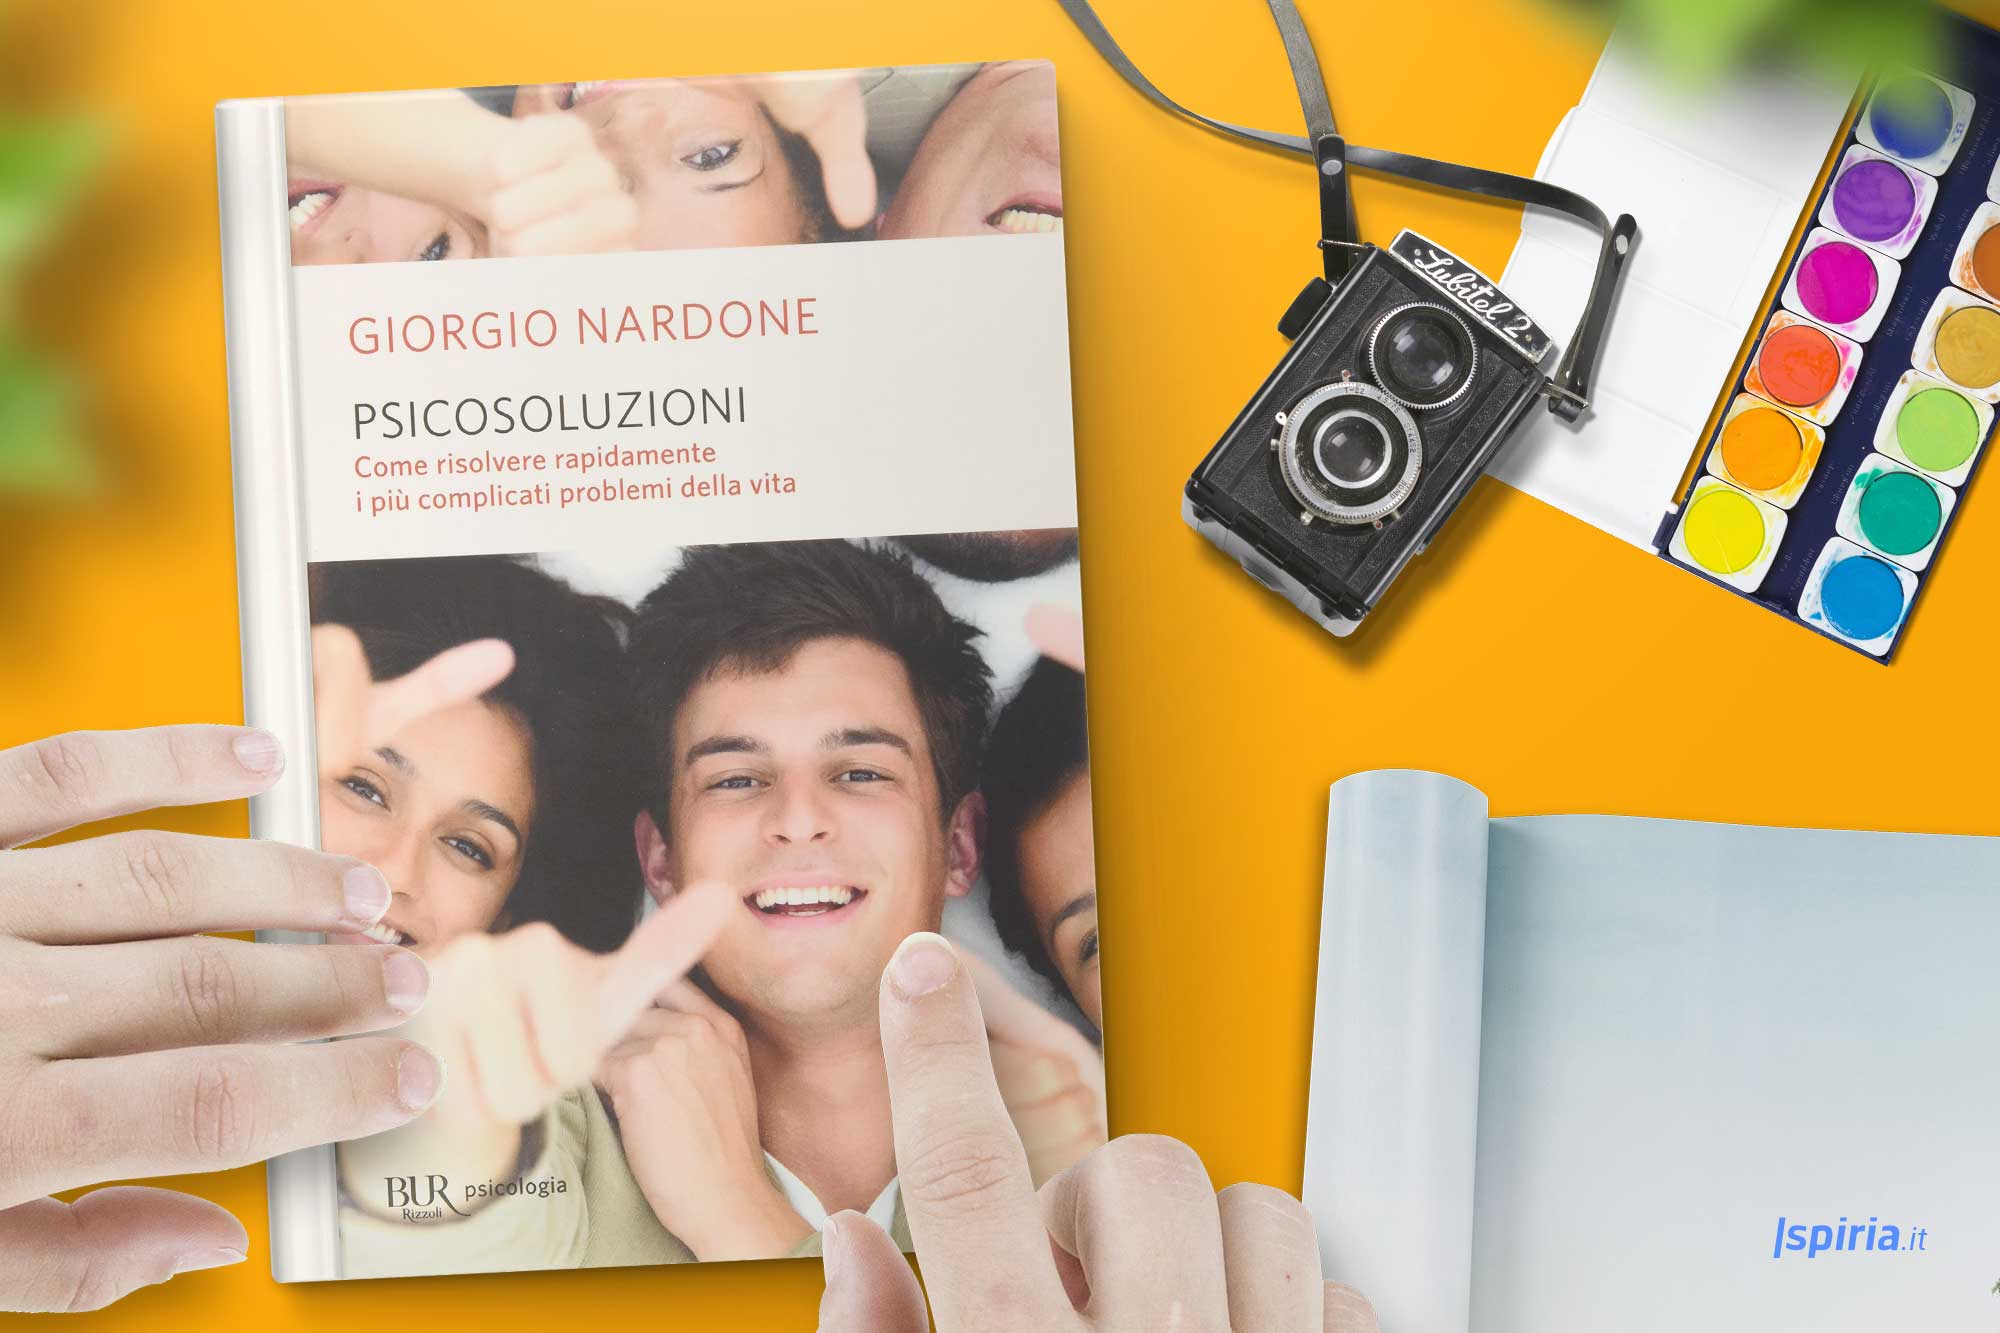 psicosoluzioni-migliori-libri-psicologia